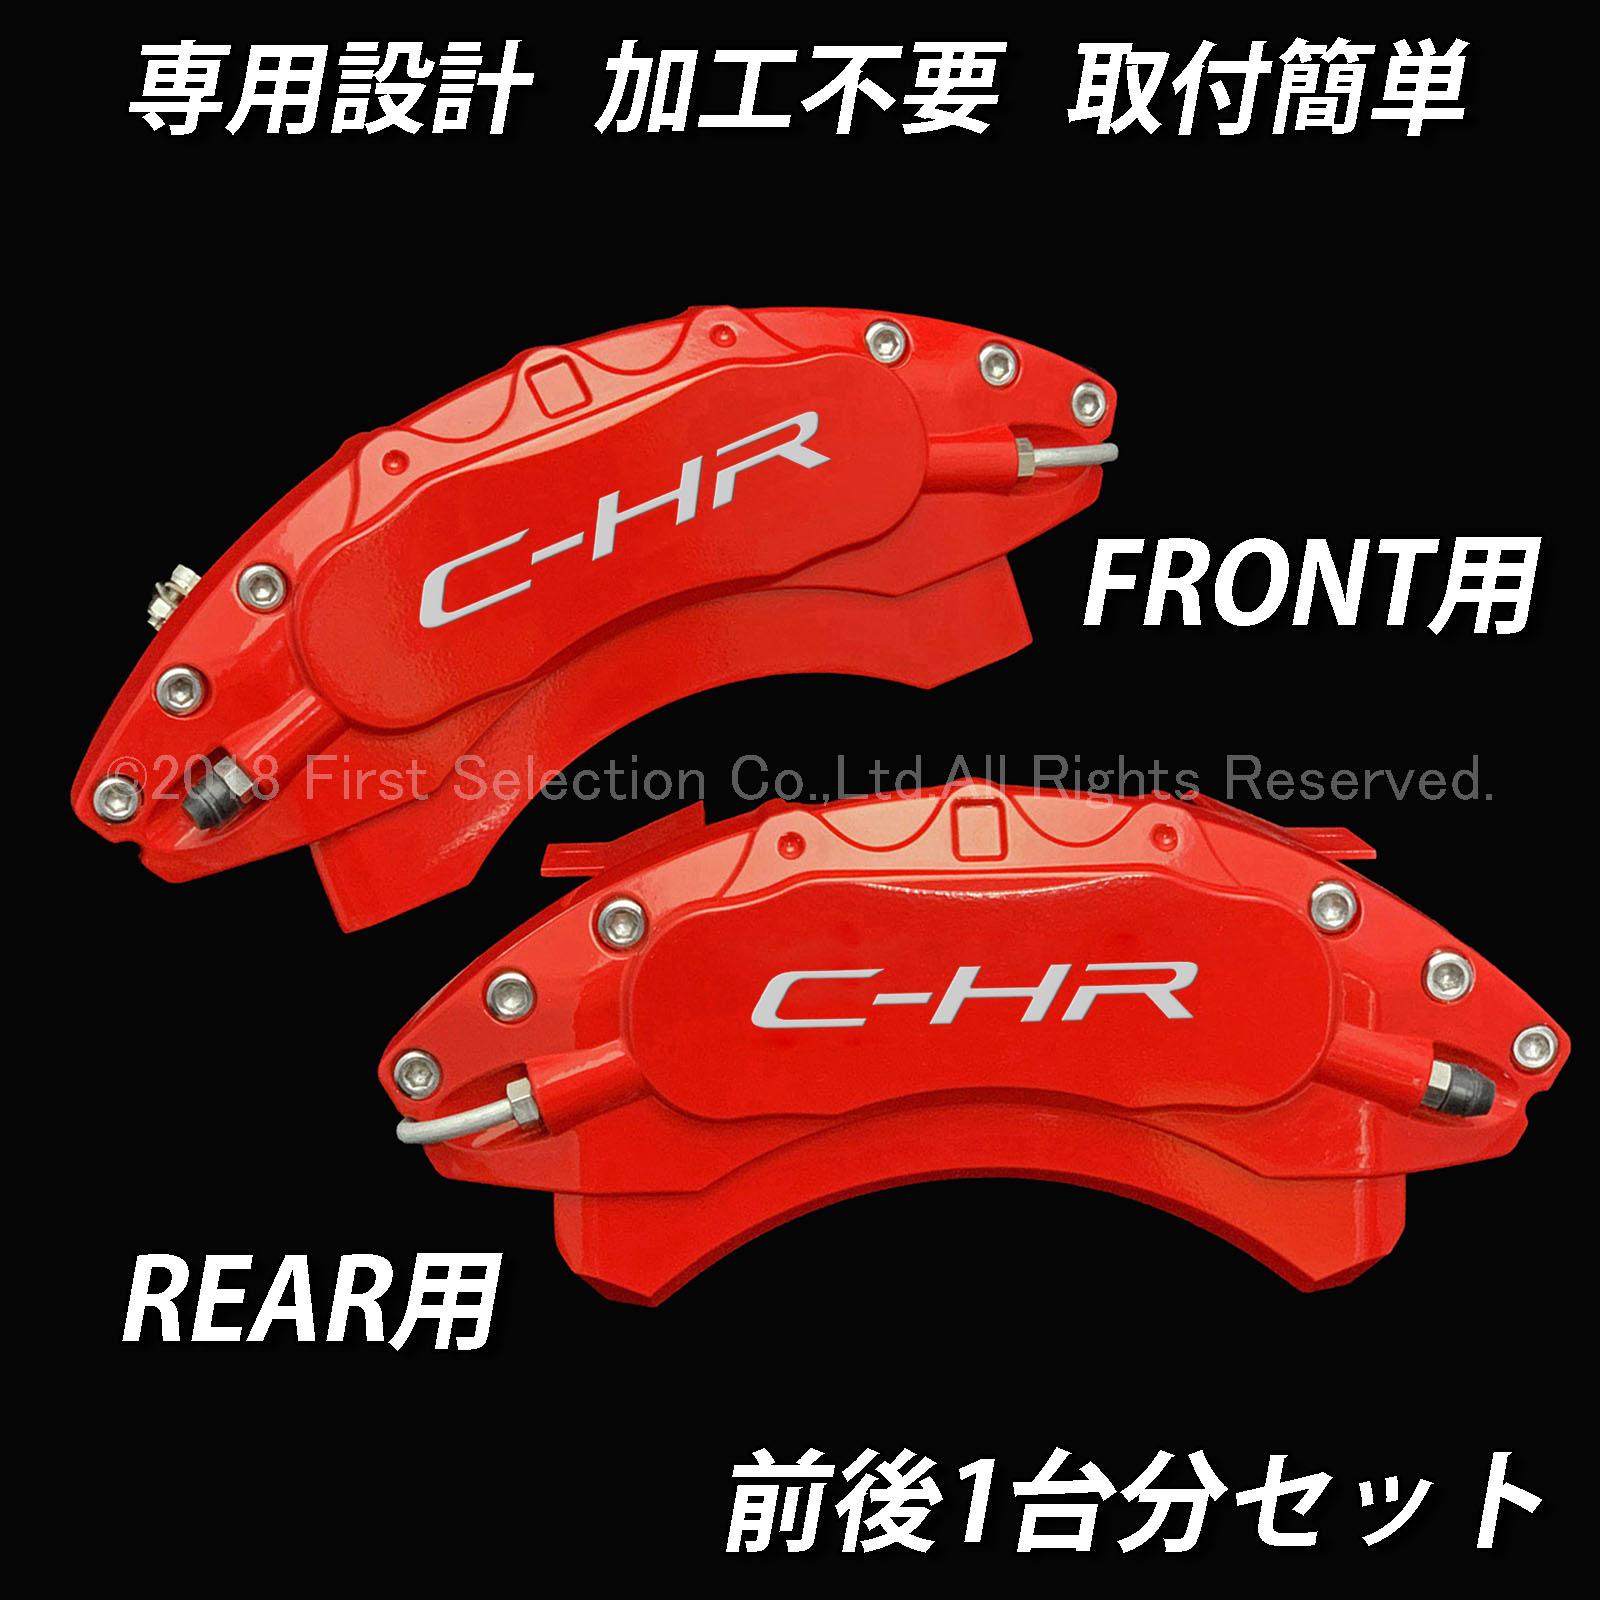 トヨタ車 C-HRロゴ銀文字 C-HR 10系用 高耐久金属製キャリパーカバーセット赤 10C-HR NGX10 NGX50 ZGX10 ZYX10